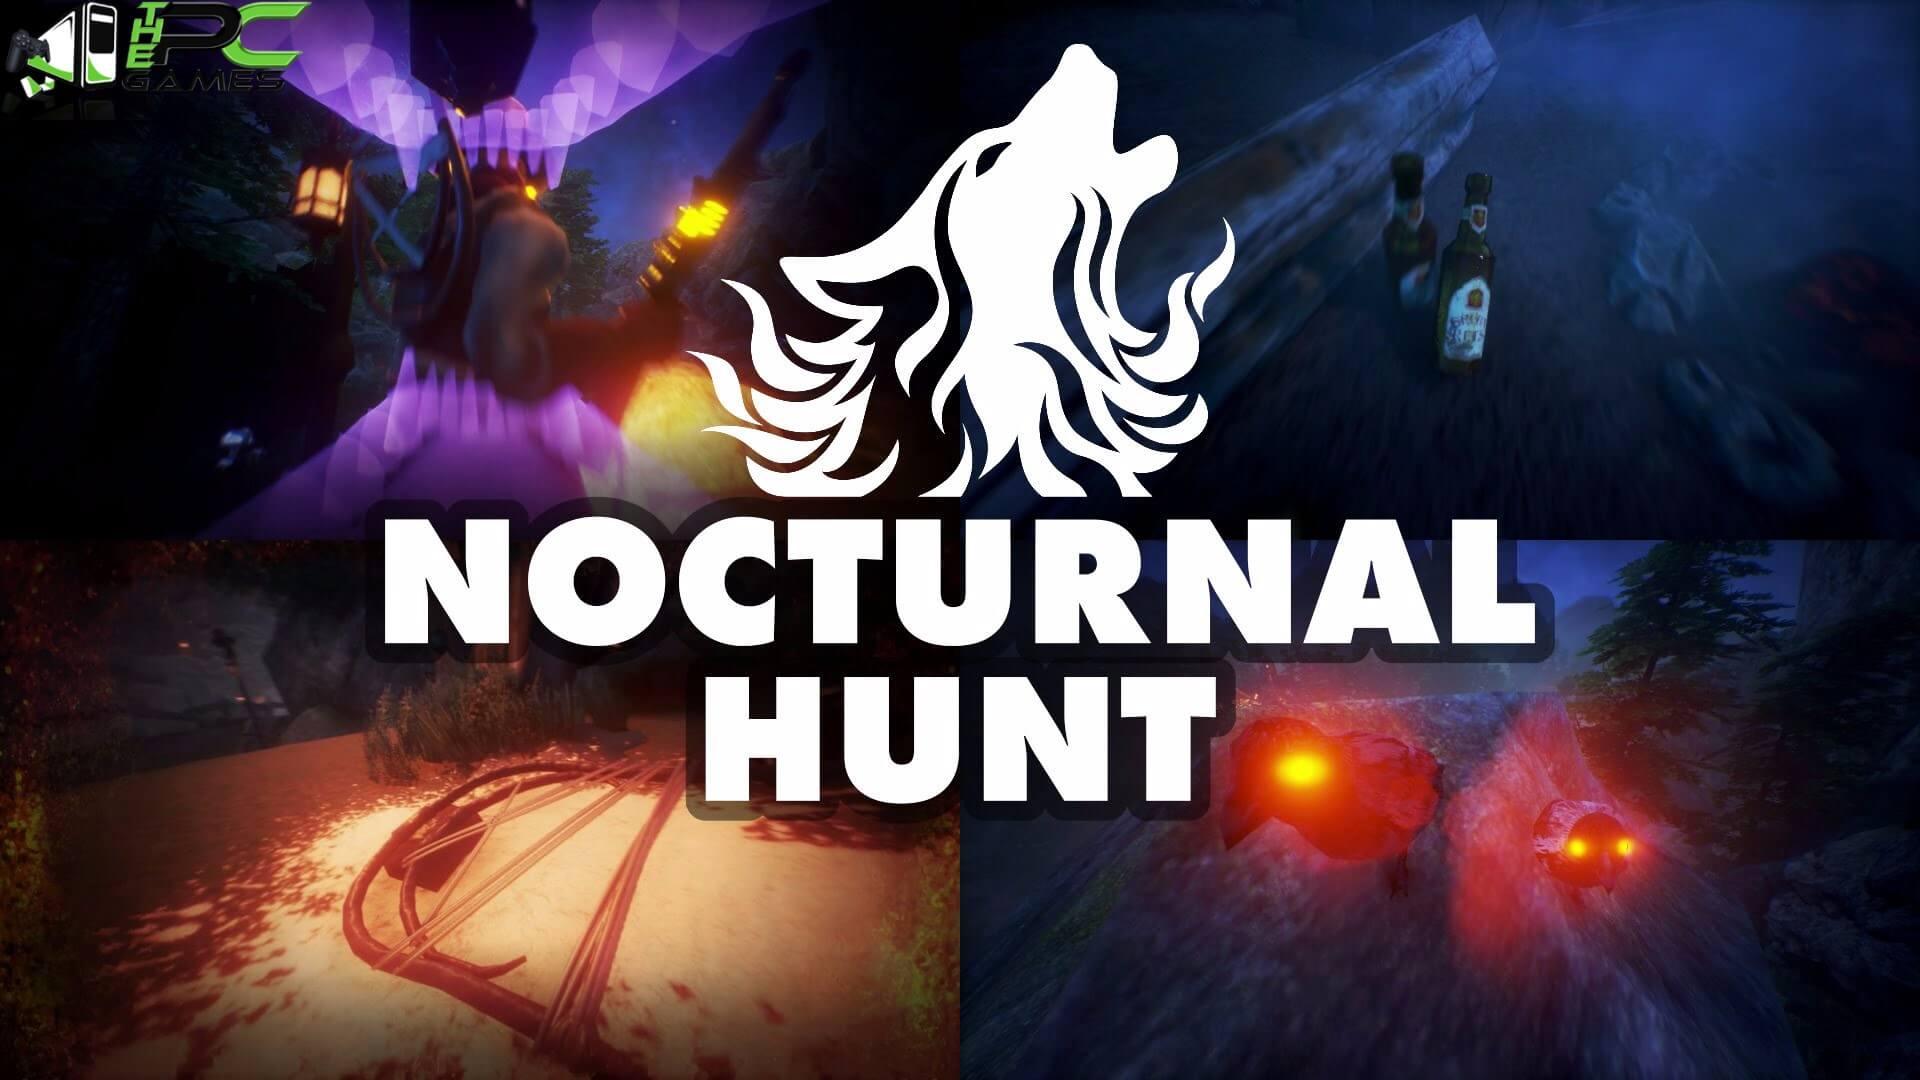 Nocturnal HuntFree Download